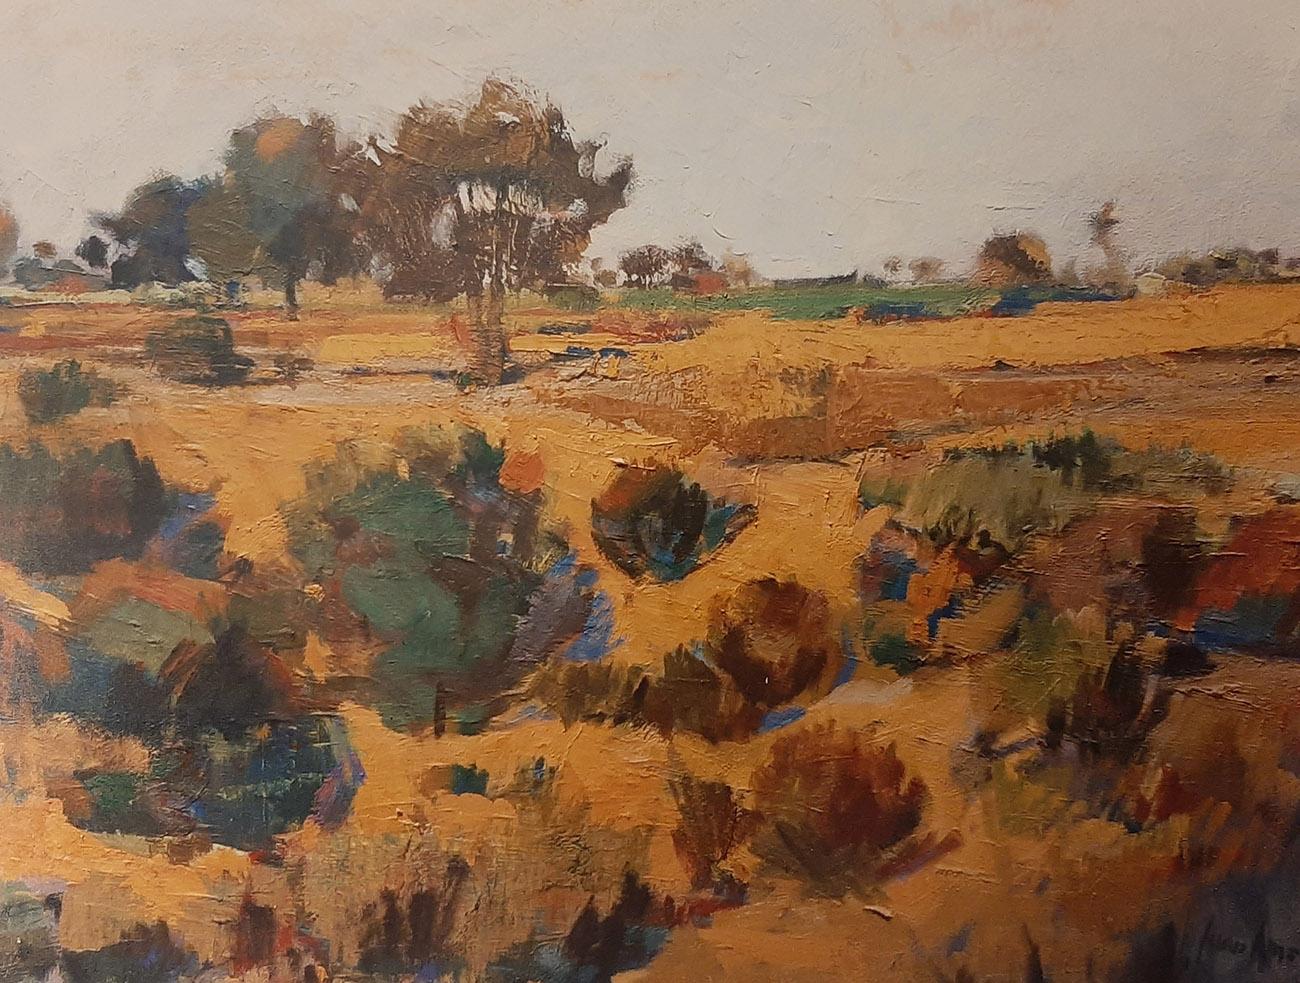 Juan Amo. (1976). Nuestro Campo. Óleo - Lienzo. Colección Privada.